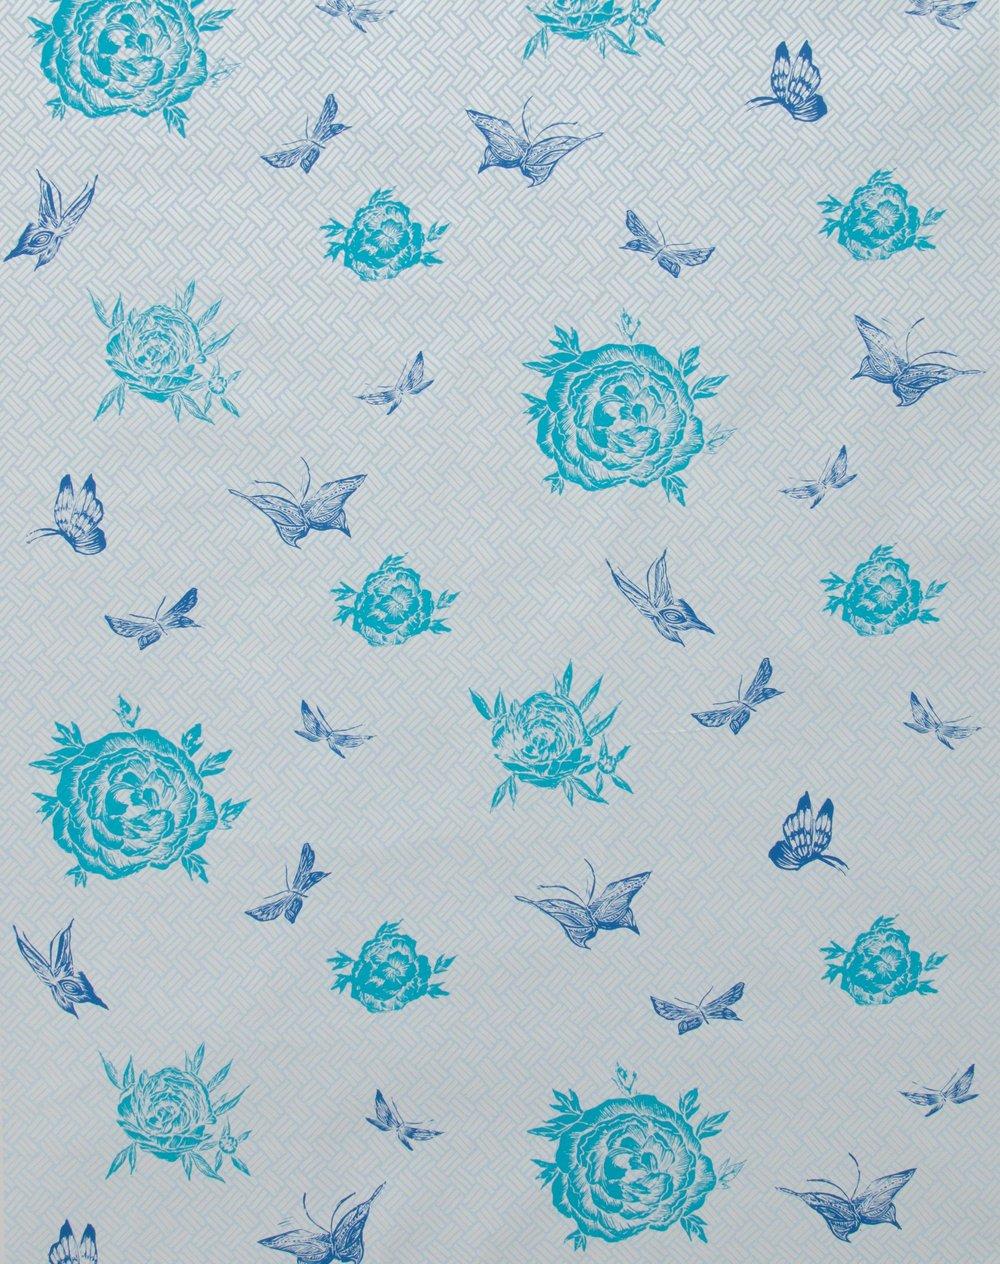 Krane Home_Flora Sapphire Wallpaper-1.jpeg